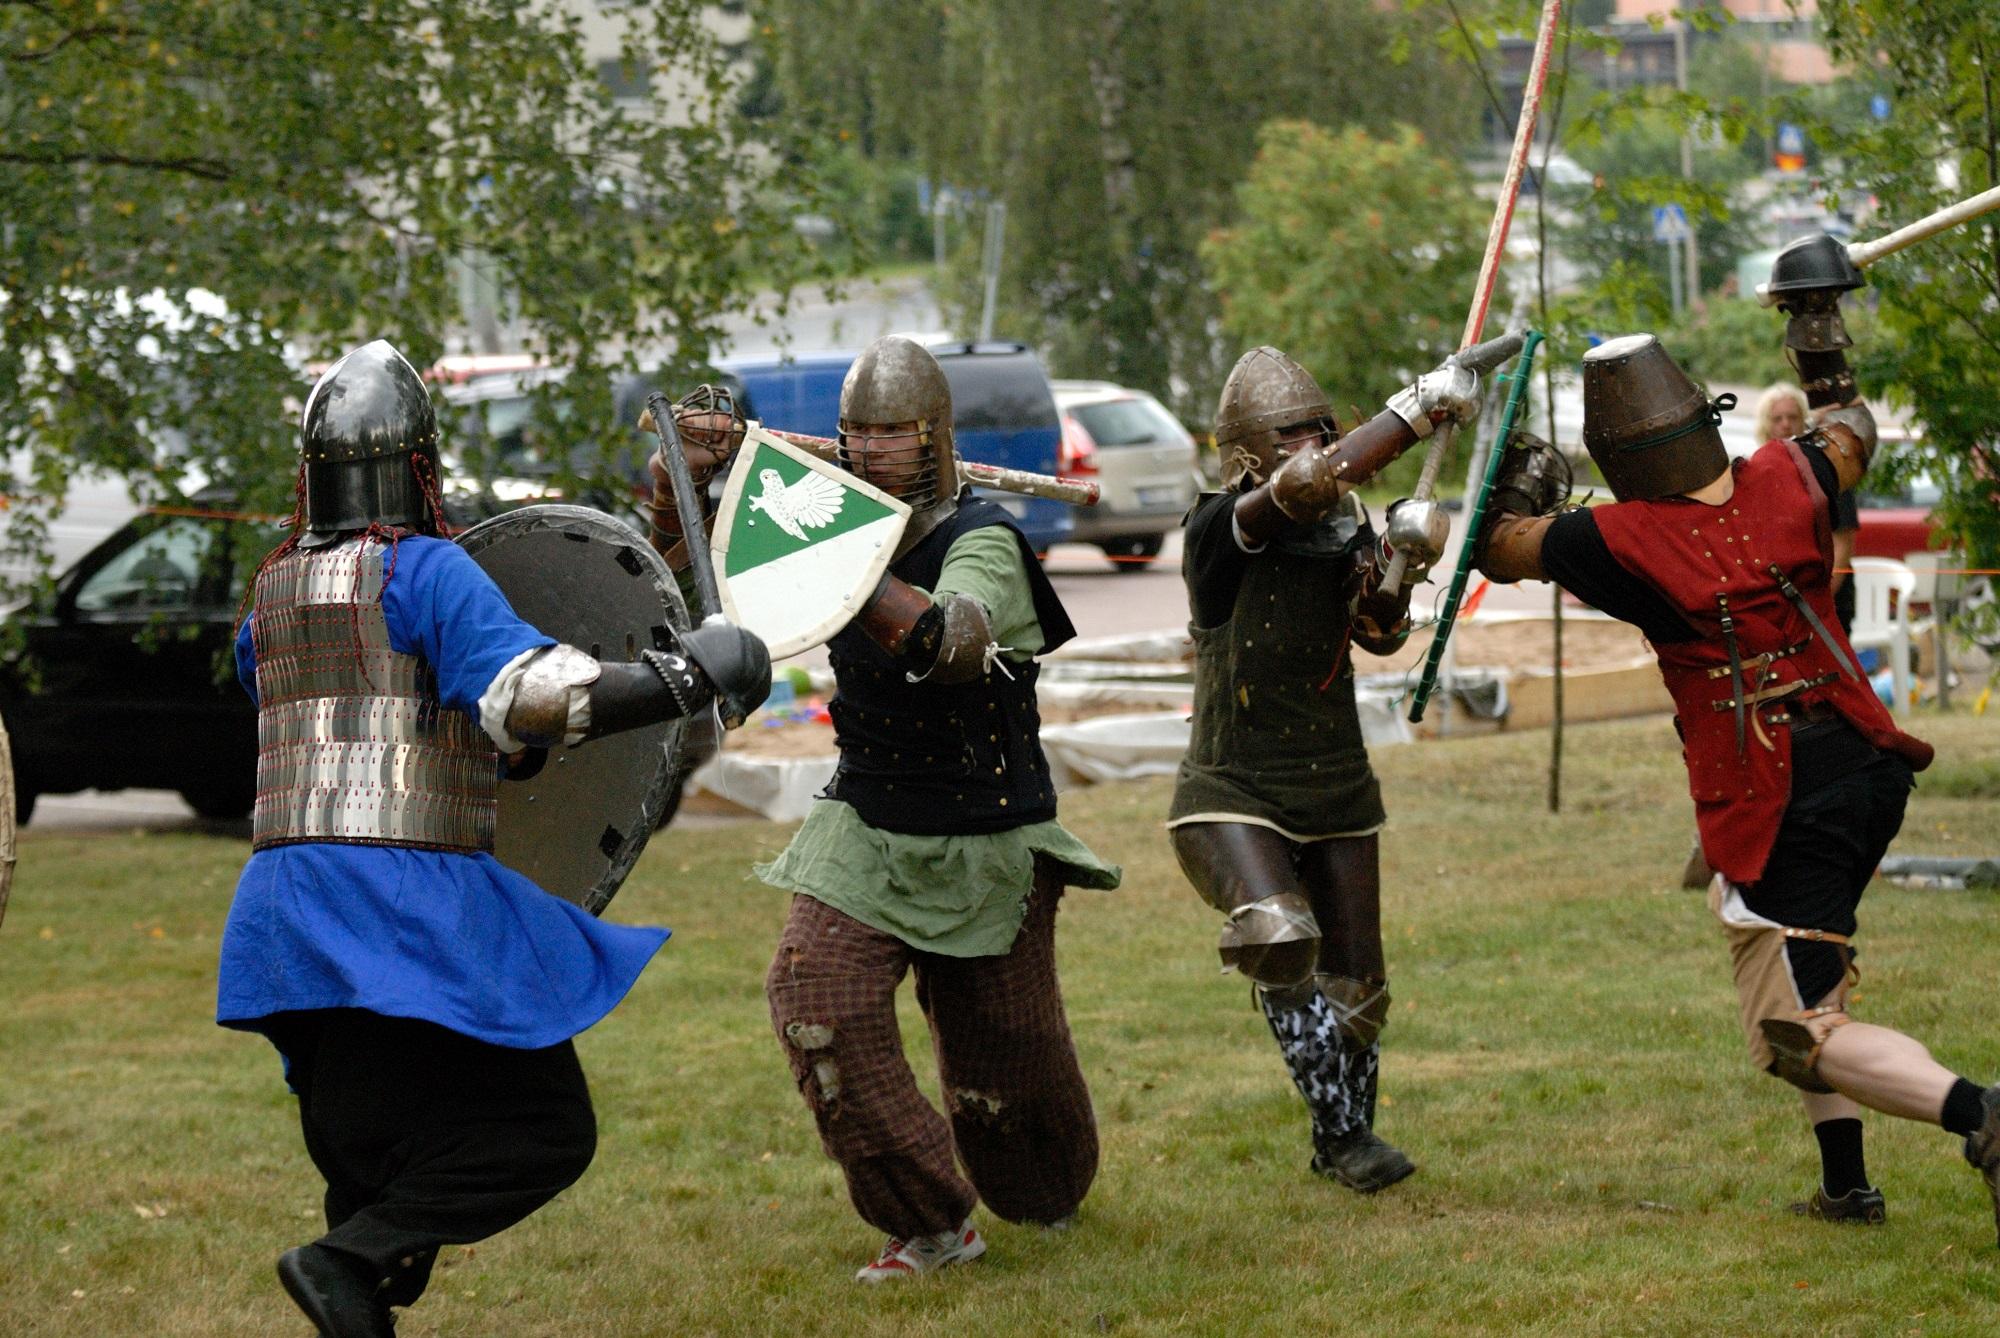 Ritariasuisia henkilöitä taistelemassa bofferimiekoilla..